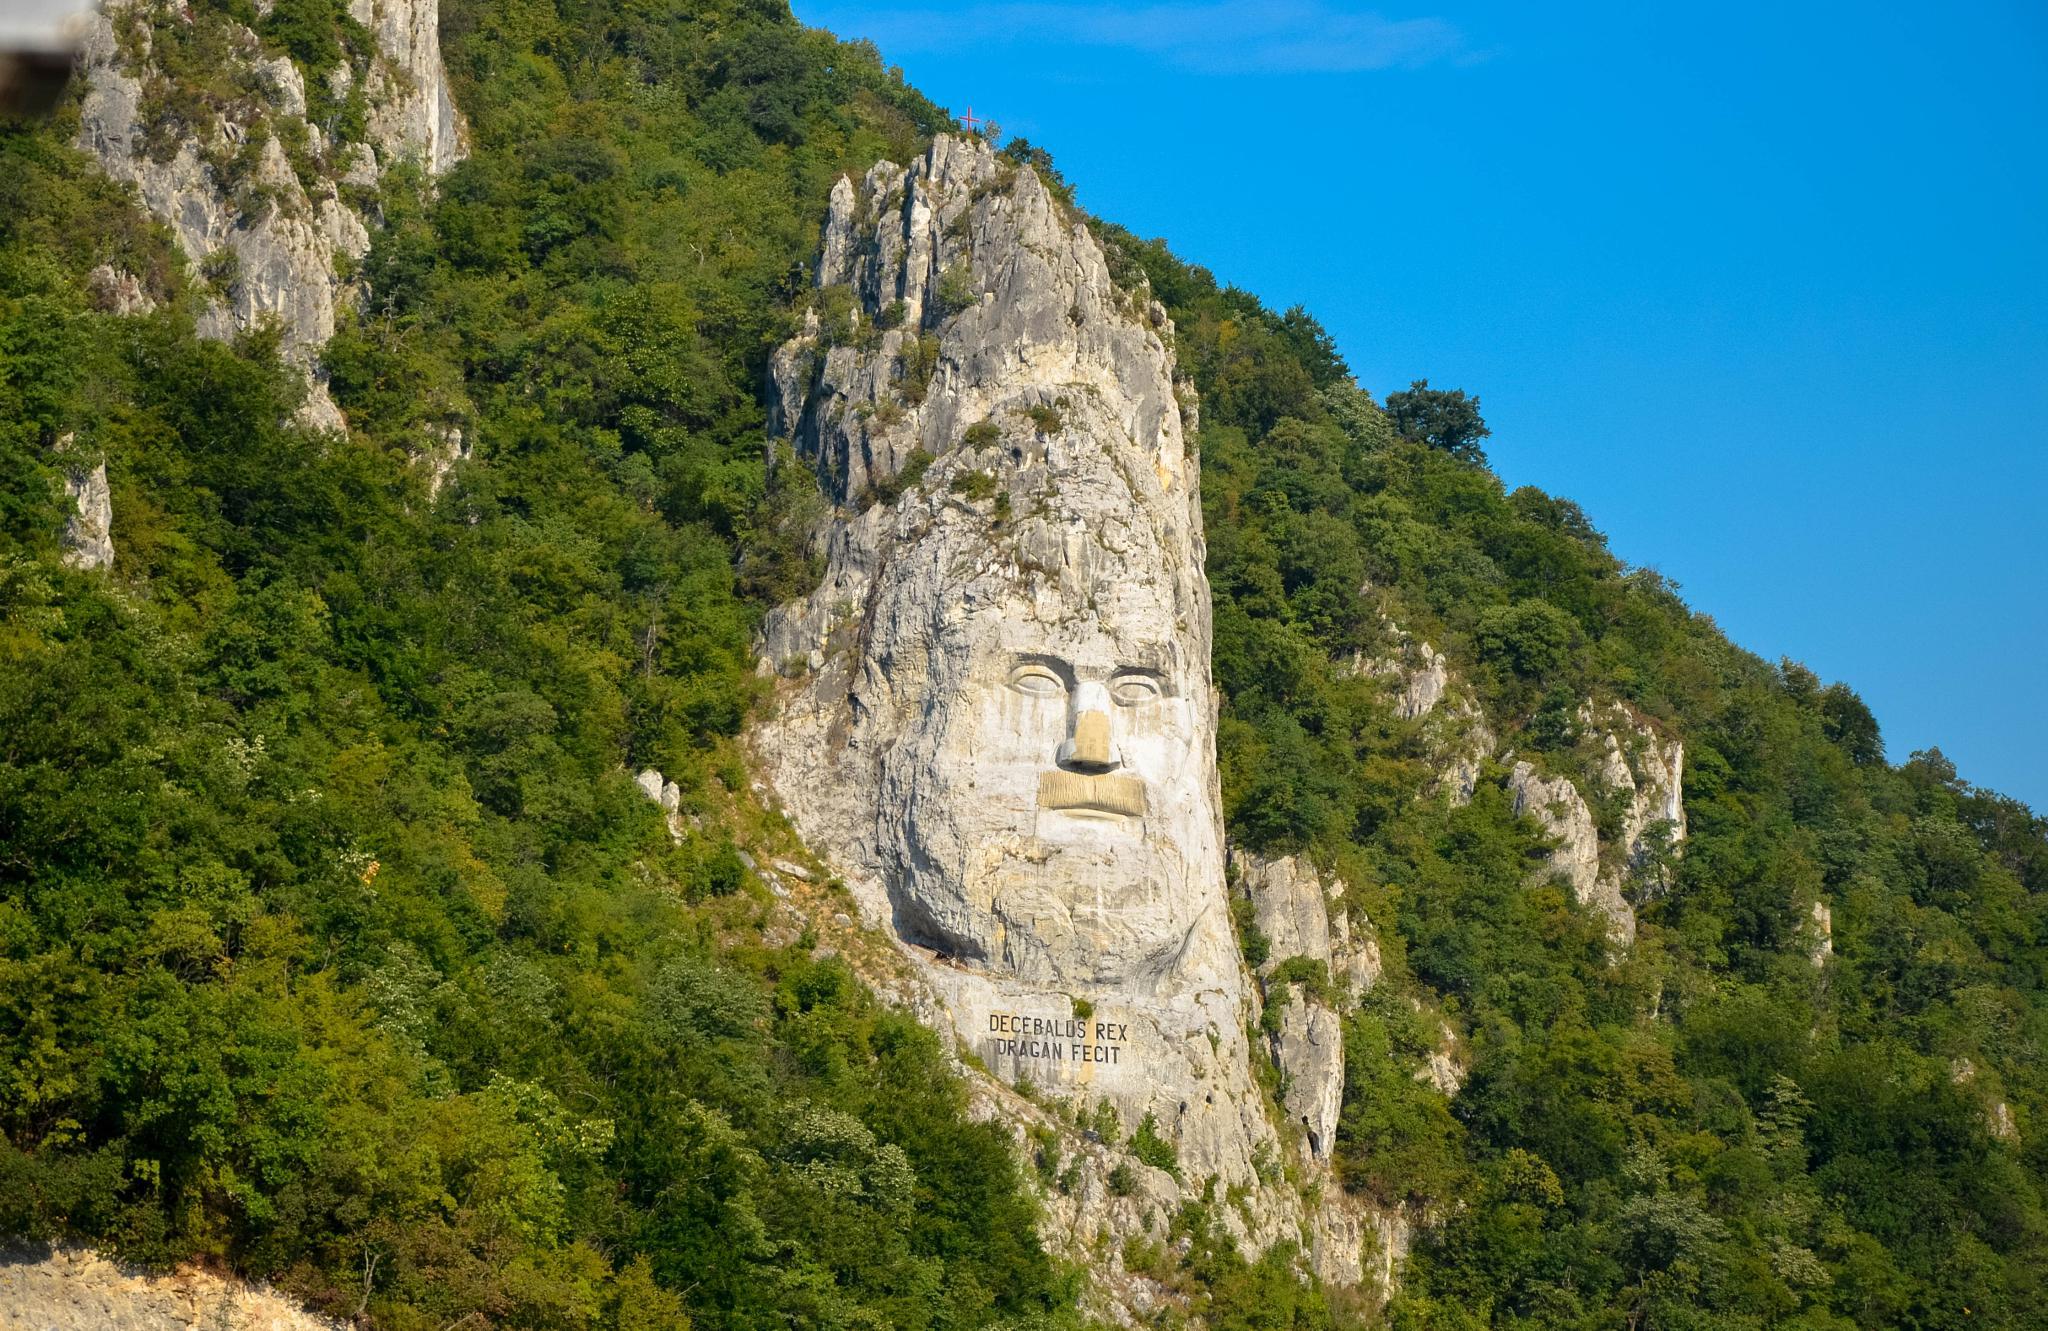 Statue of Dacian king Decebalus by Günter Staudacher